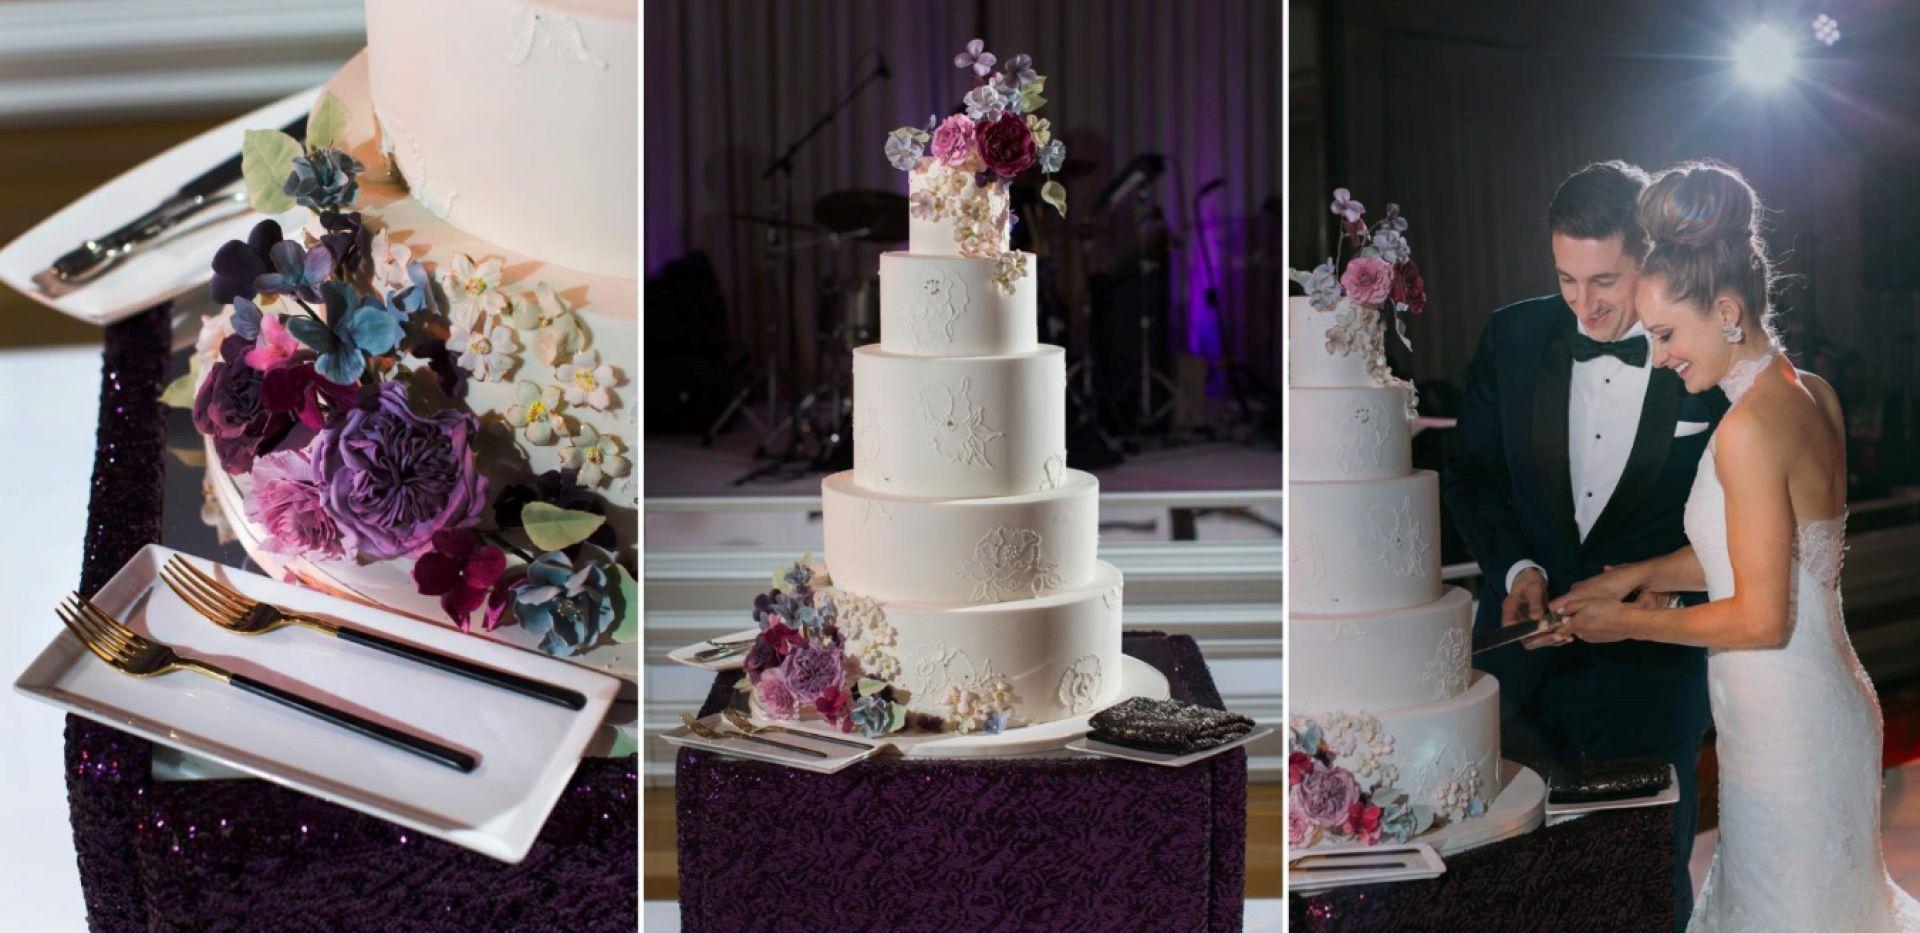 wedding cake, cake, gorgeous wedding cake, Chicago wedding cake, Chicago wedding, wedding, Fondant wedding cake, Amy Beck Cake Design wedding cake, Custom wedding cake, Specialty cake, specialty wedding cake, custom cake, five tier cake, brush embroidered cake, hand painted lace cake, lace cake, dress inspired cake, custom sugar flower cake, beautiful wedding cake, cake cutting photo